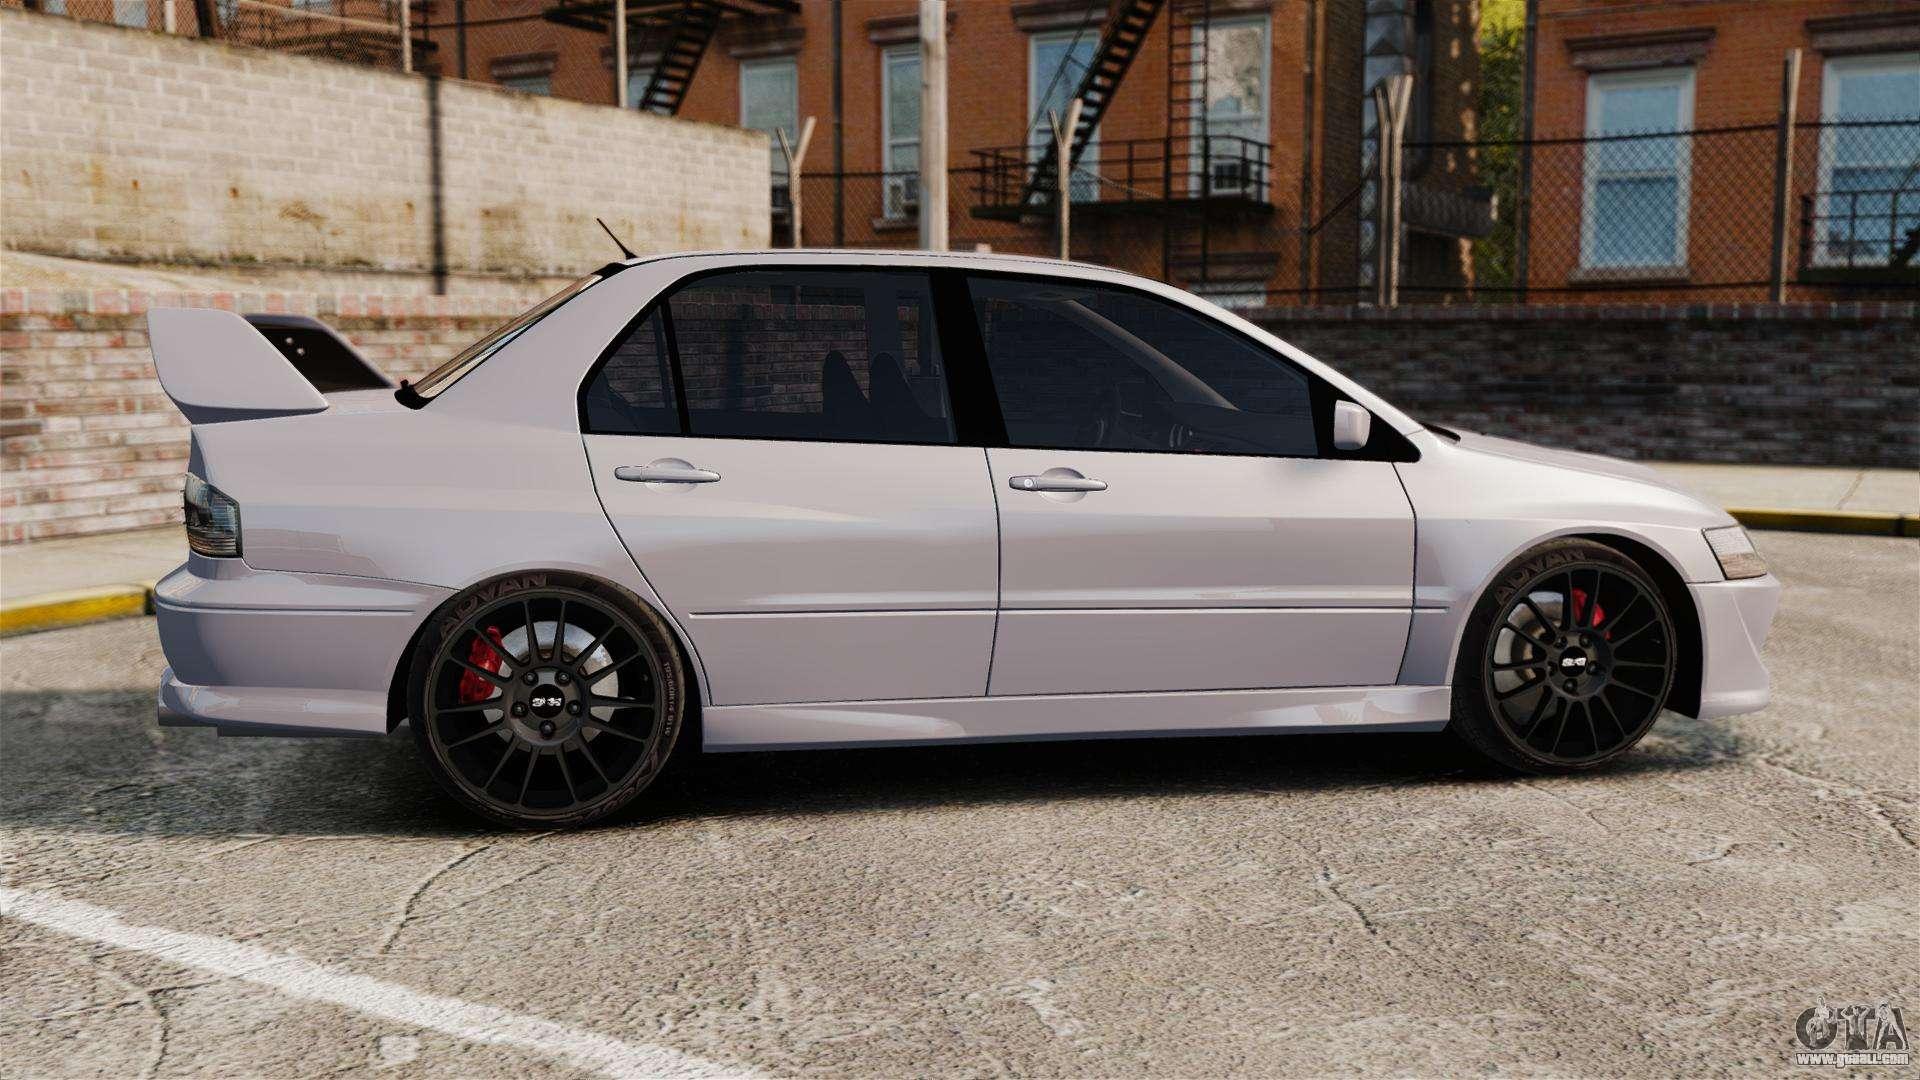 2006 Mitsubishi Lancer Evolution Mr >> Mitsubitsi Lancer MR Evolution VIII 2004 Stock for GTA 4